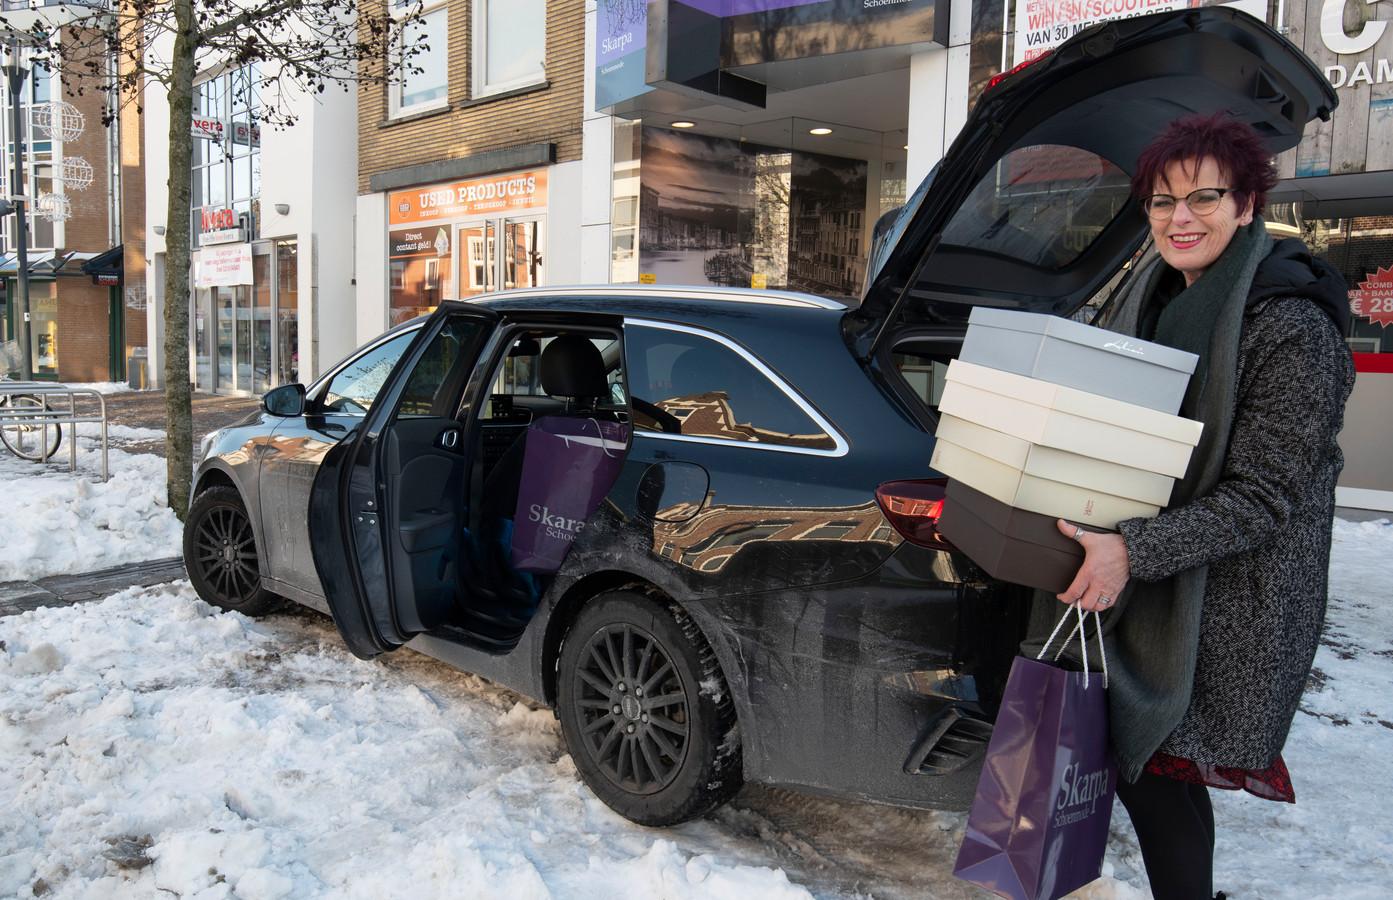 Het inladen  in haar auto van een stapel door klanten bestelde schoenen kostte ondernemer Wilma van Helten een parkeerboete van 100 euro.